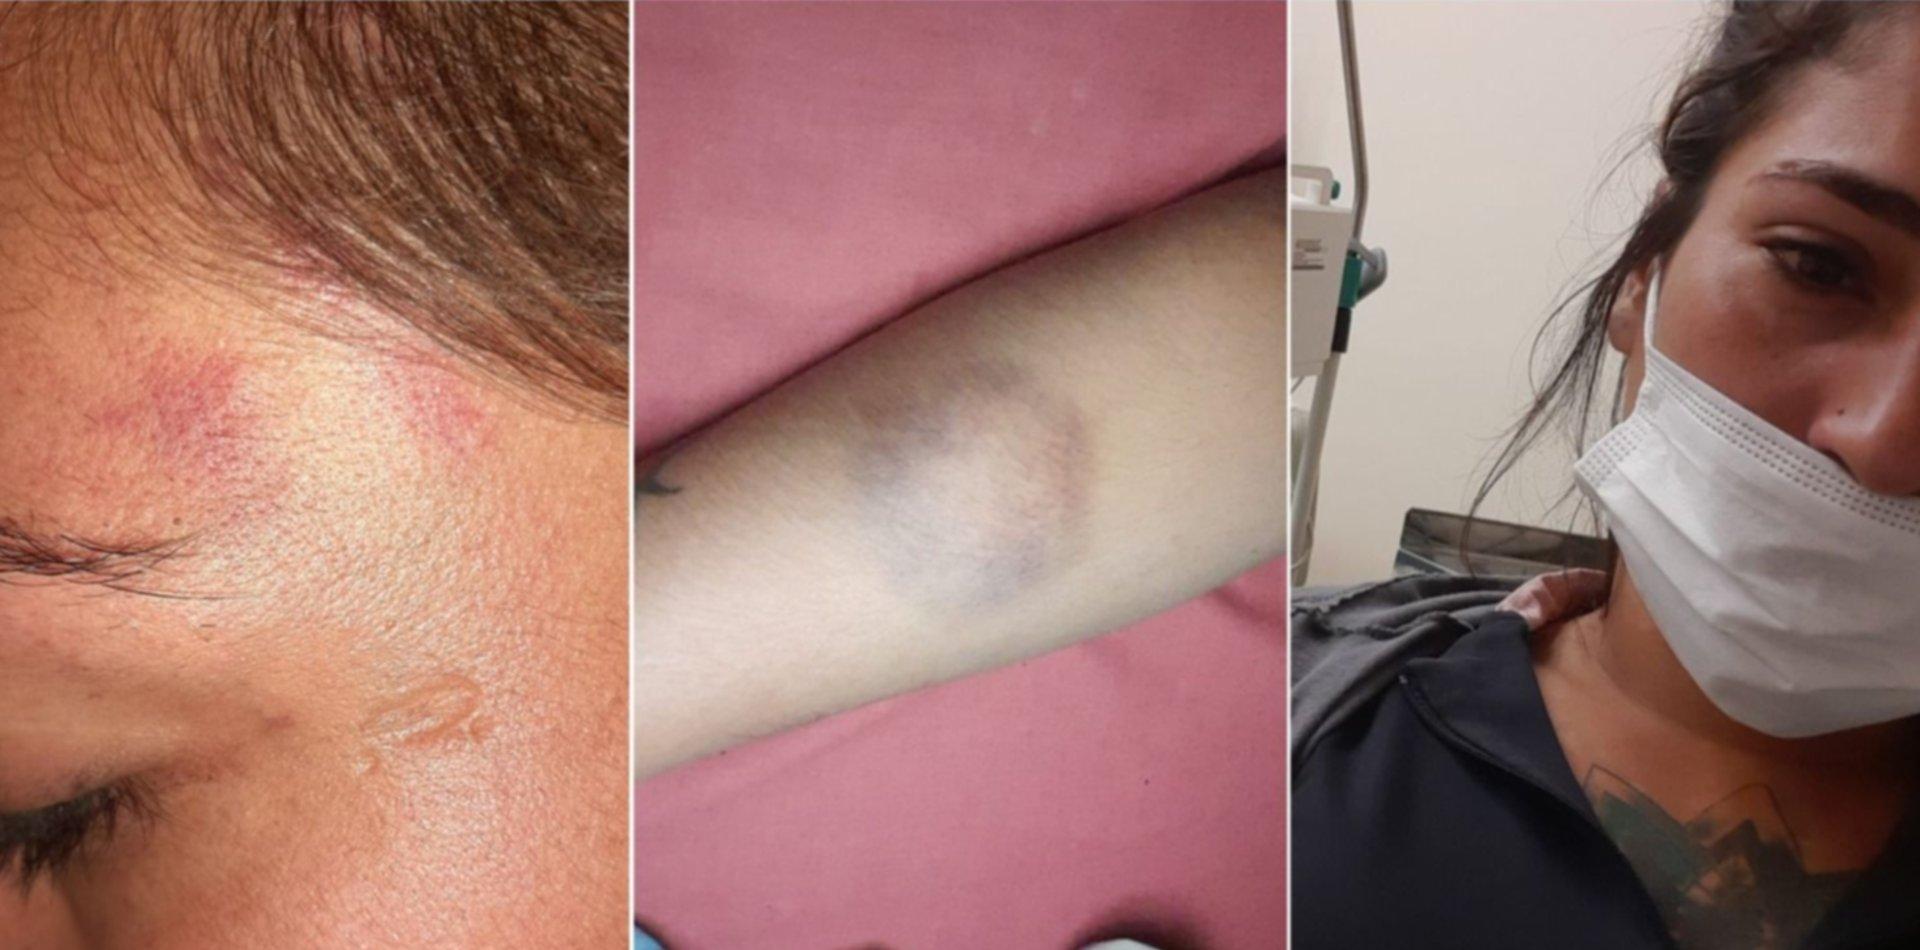 Una mujer denunció que su ex le gatilló cinco veces en la cabeza, pero sigue libre